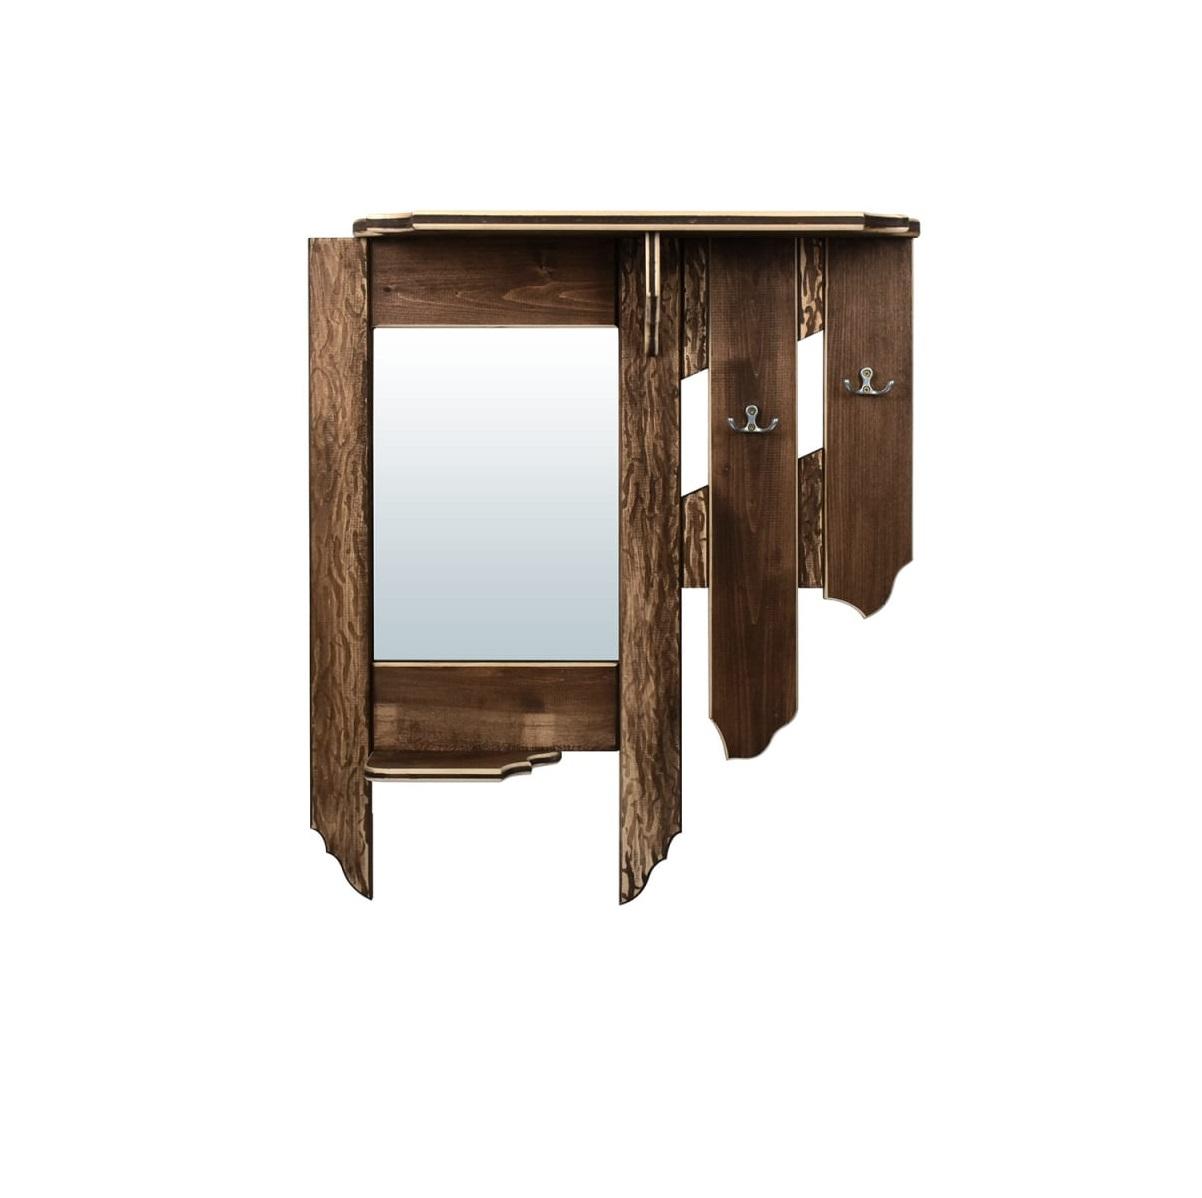 Зеркало Банные штучки с вешалкой и полкой, состаренное, 77x67x15 см, 2 крючка, липа